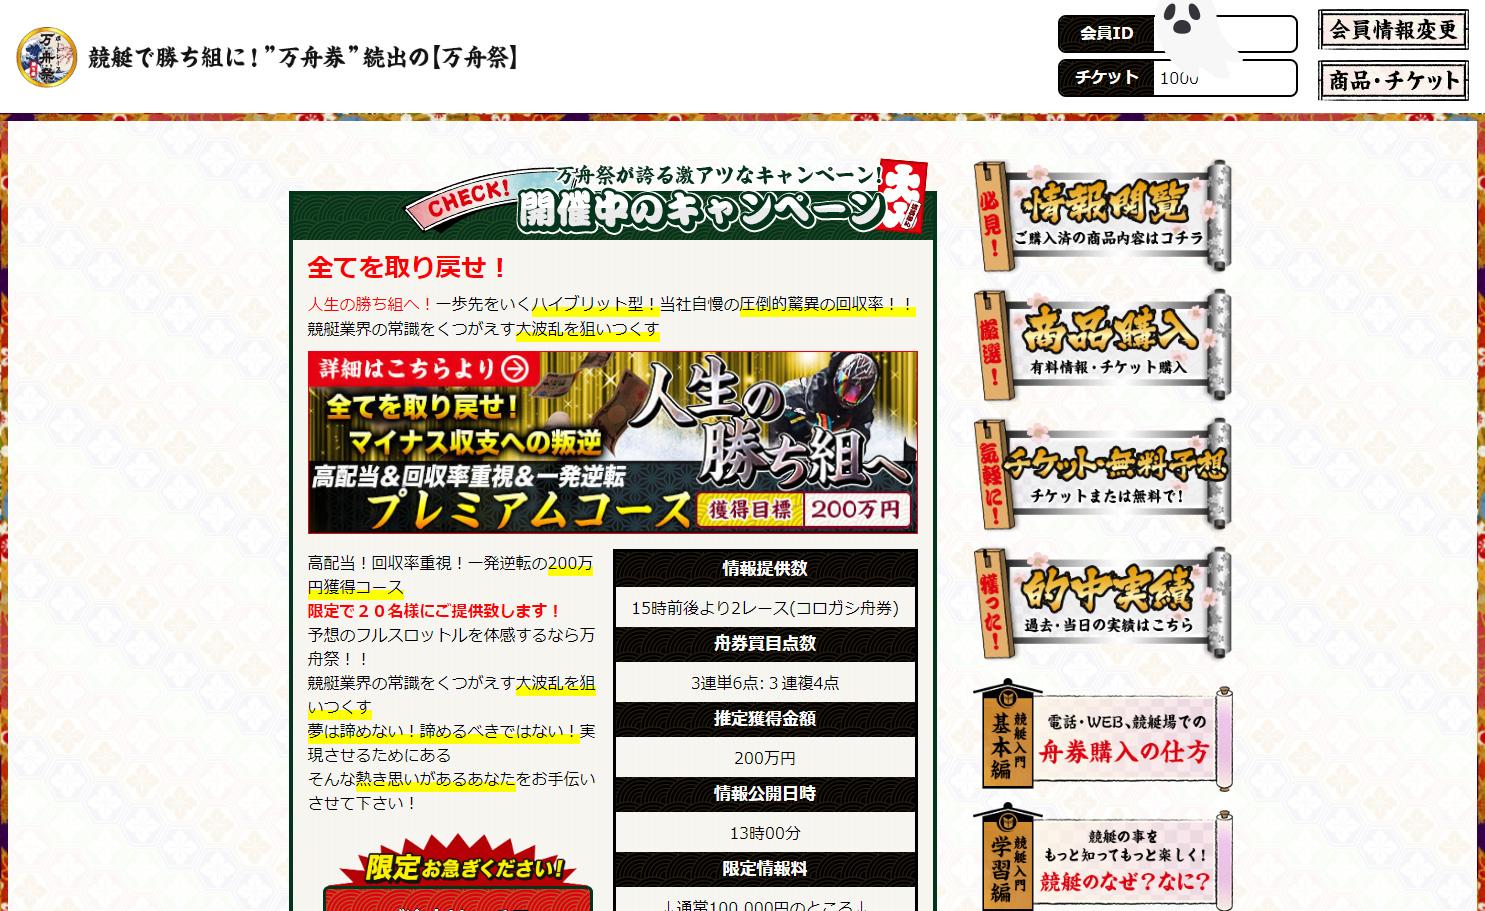 悪徳 万舟祭(まんしゅうさい) 競艇予想サイトの口コミ検証や無料情報の予想結果も公開中 会員ページ